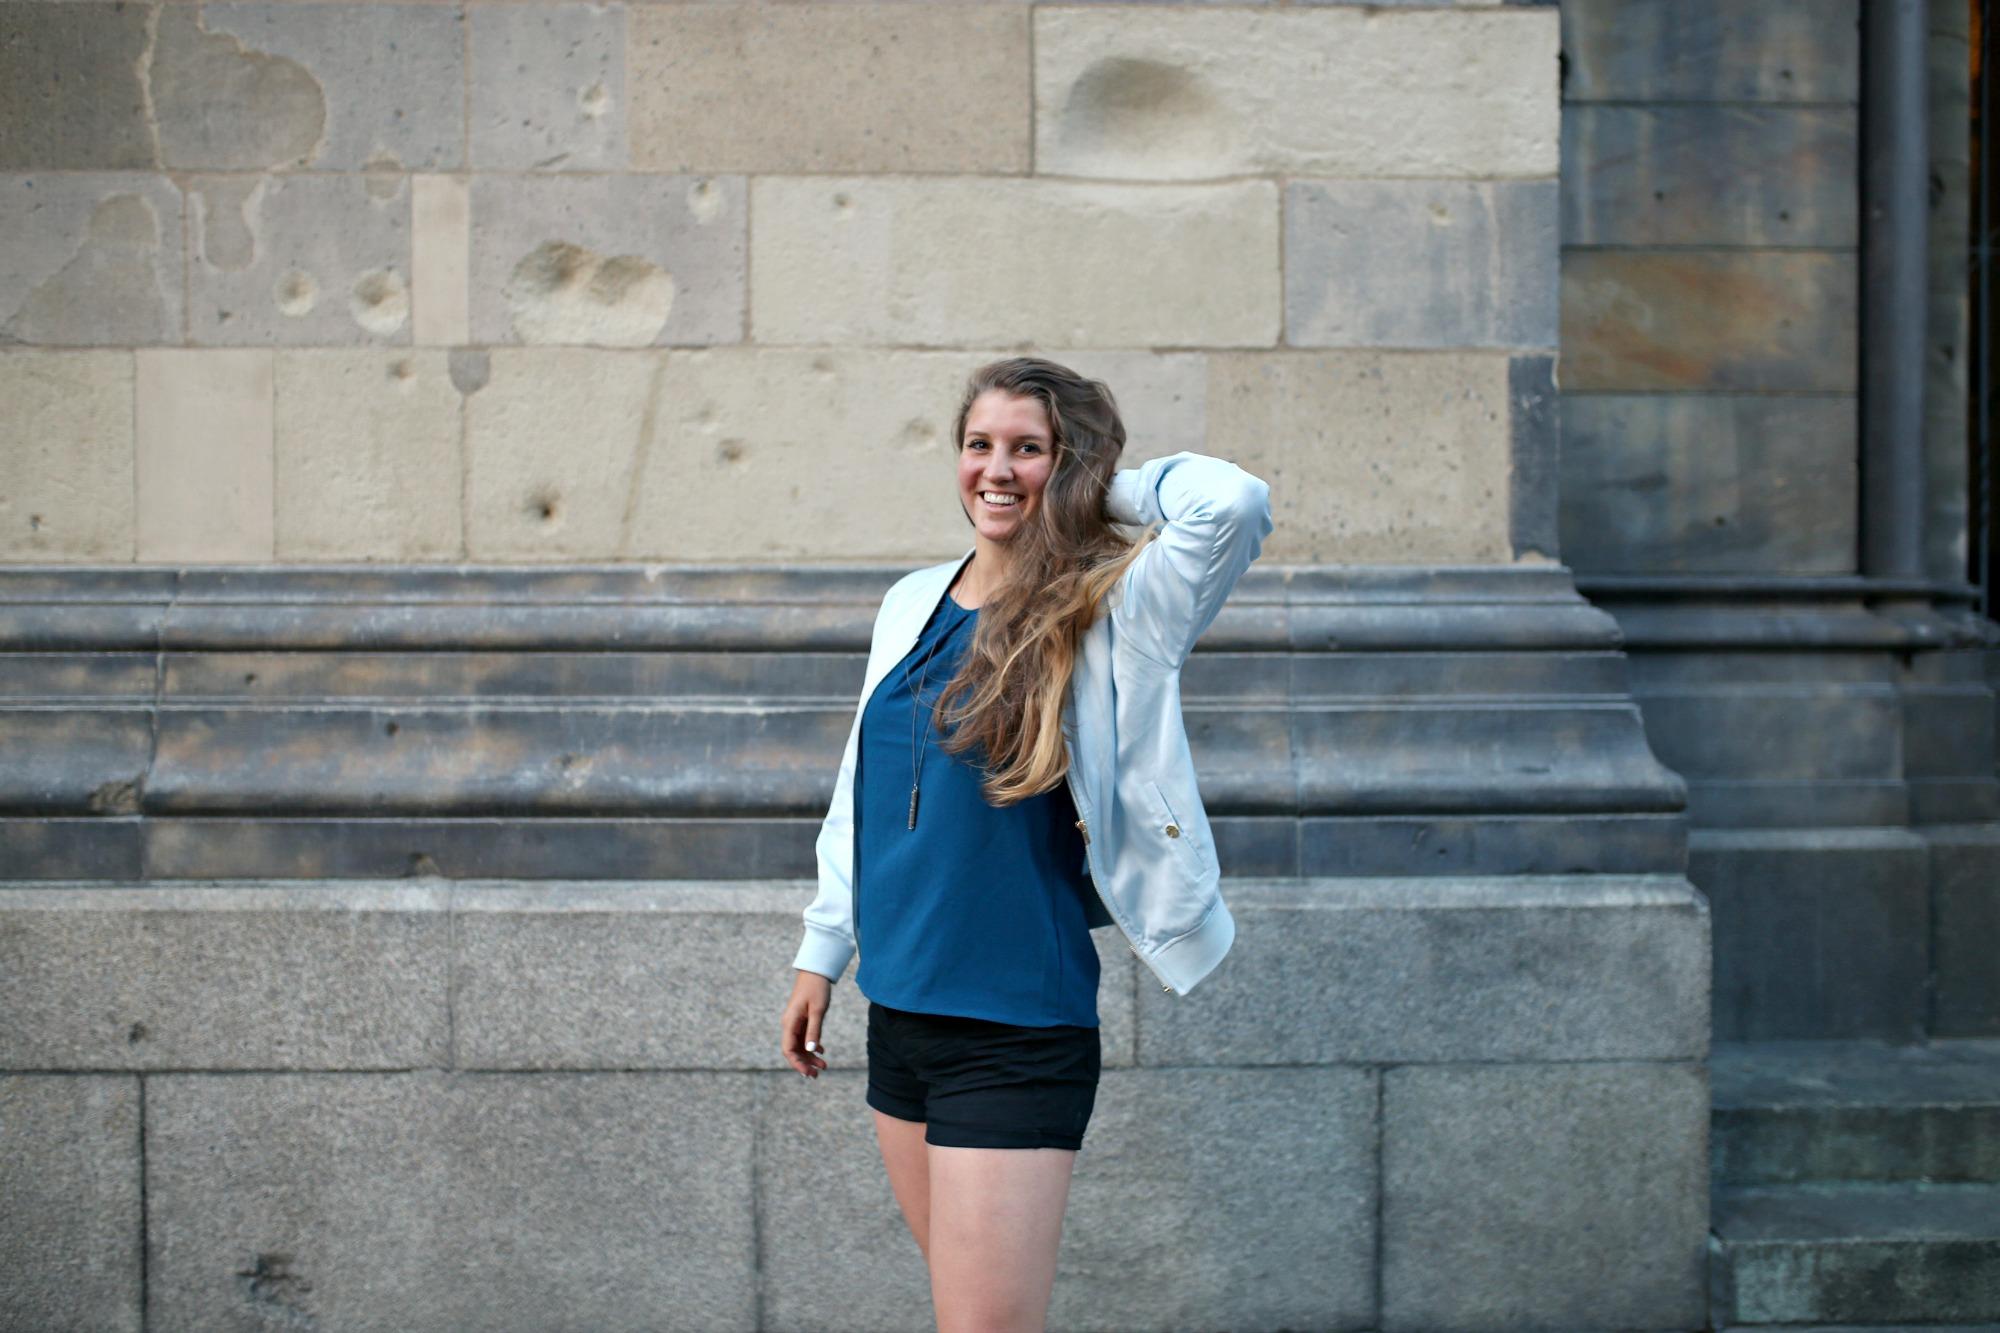 fitnessblog-persönlichkeitsentwicklung-sport-gesundheit-fit-blogger-österreich-gesundheit-klara-fuchs-fitness-persönlichkeit-motivation-6